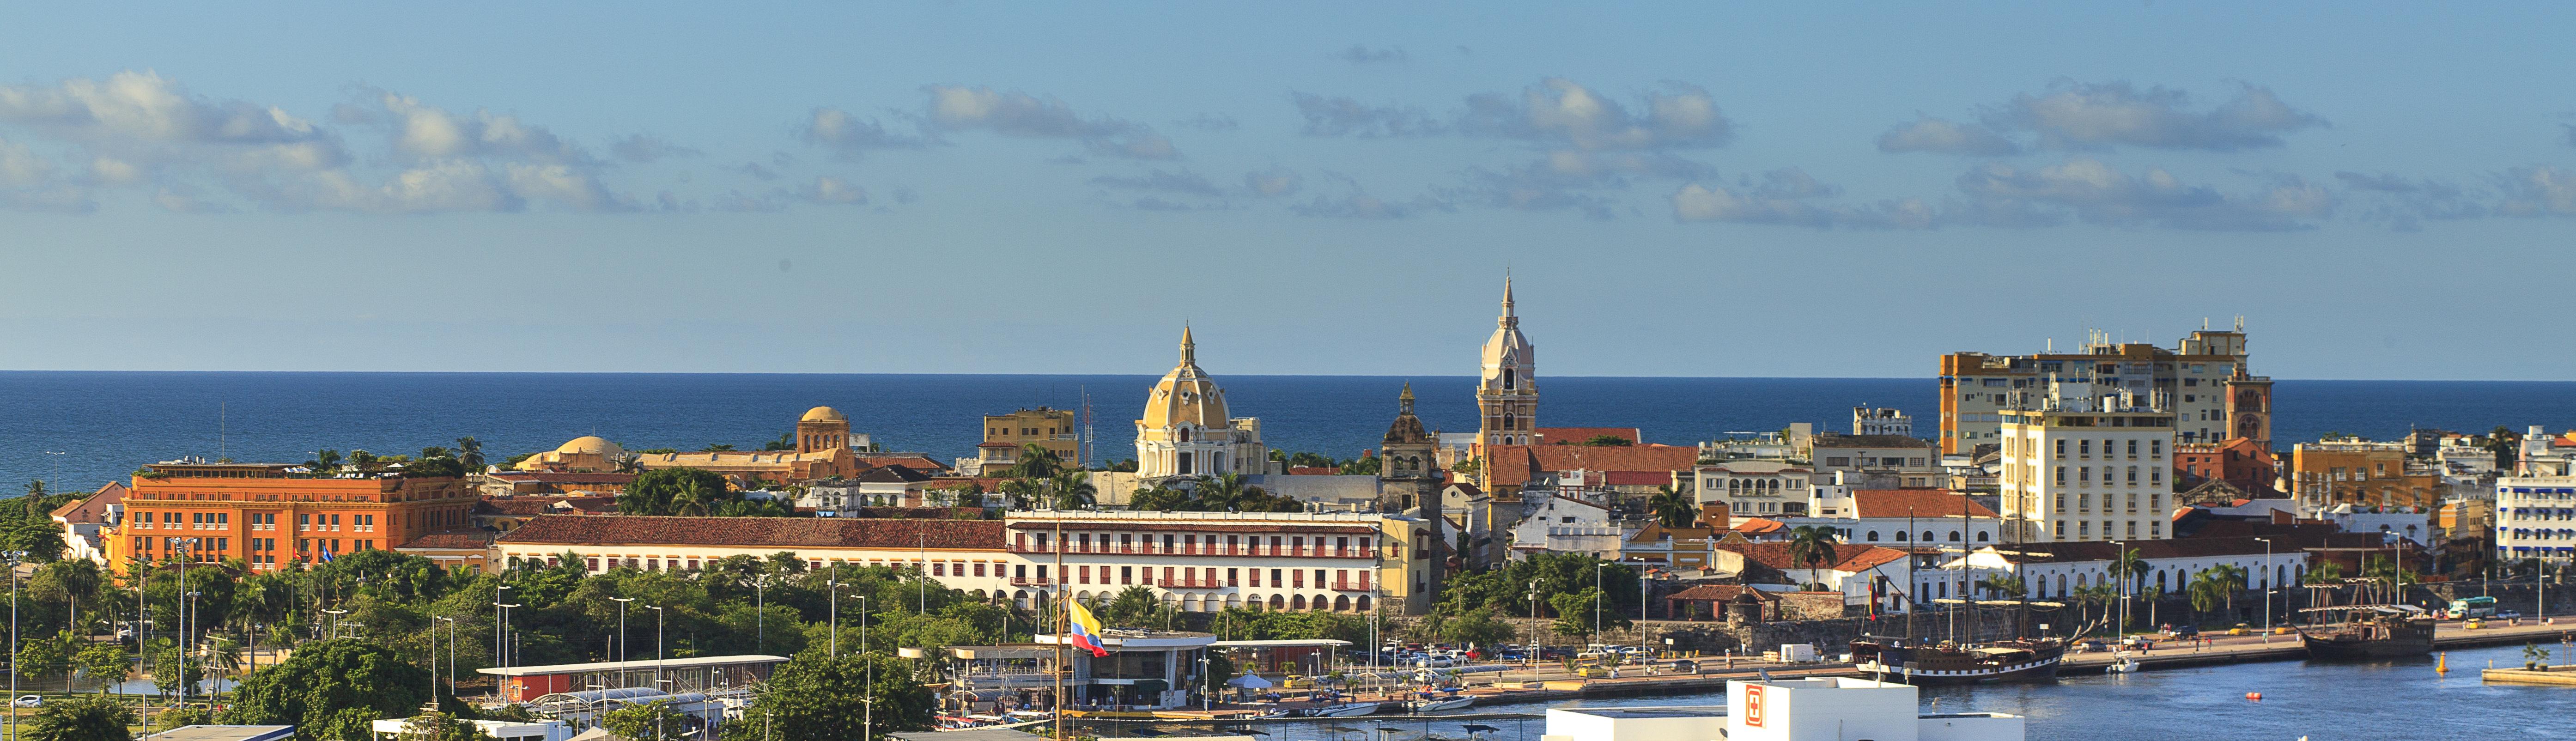 Cartagena-rooftops